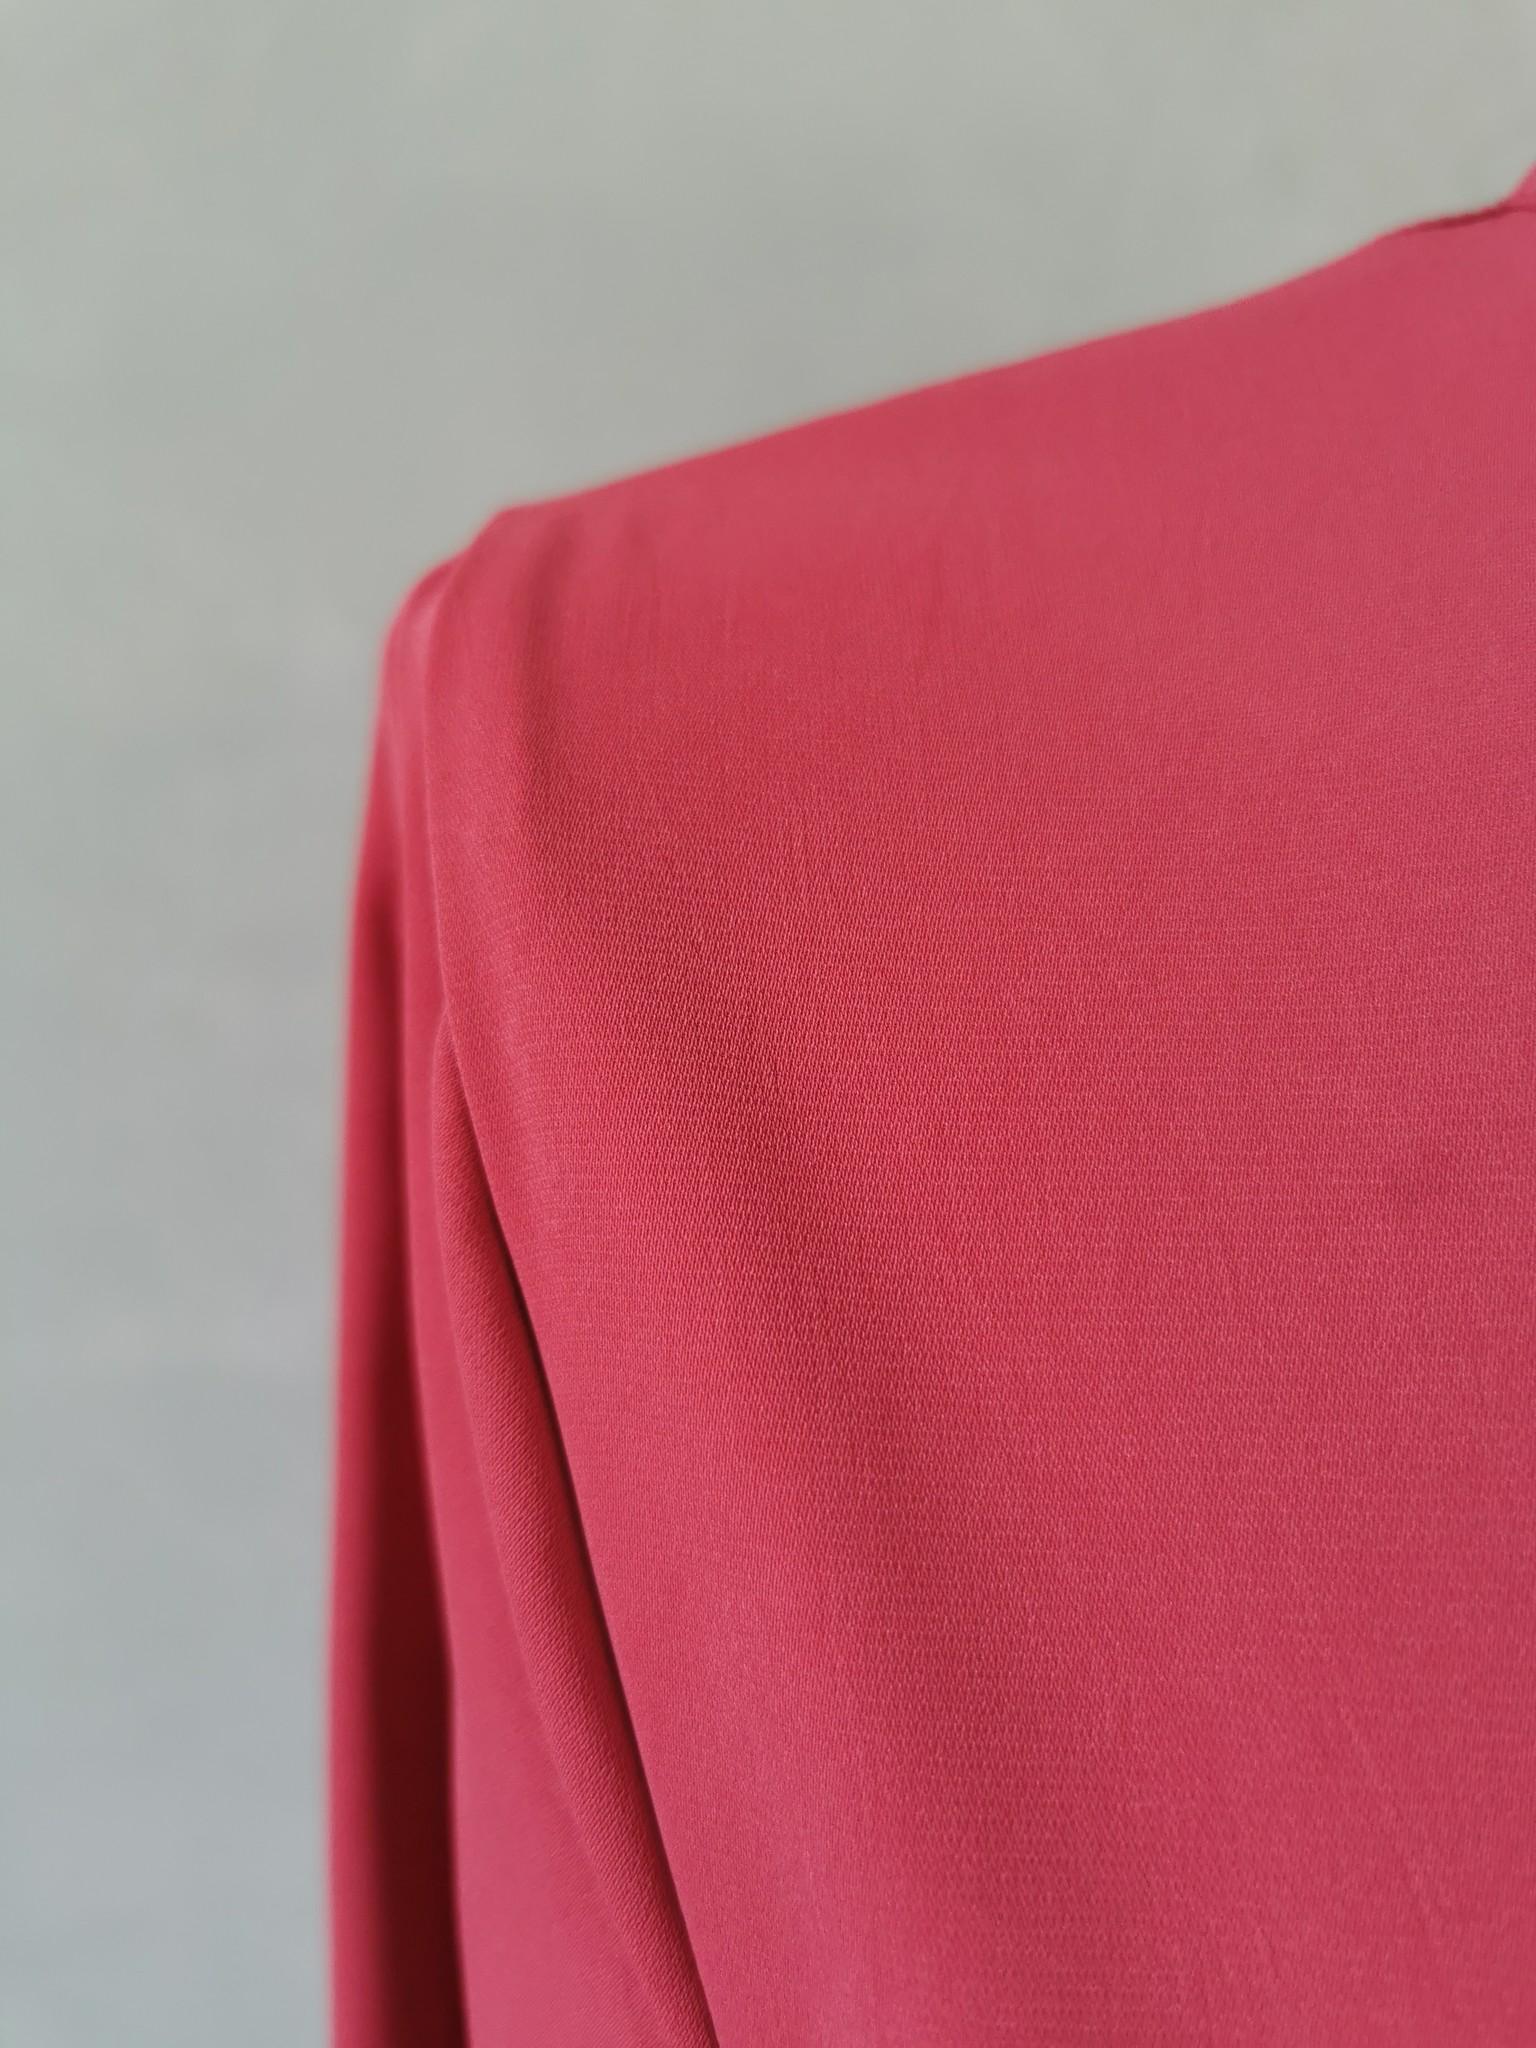 dress capitelo koraal rood